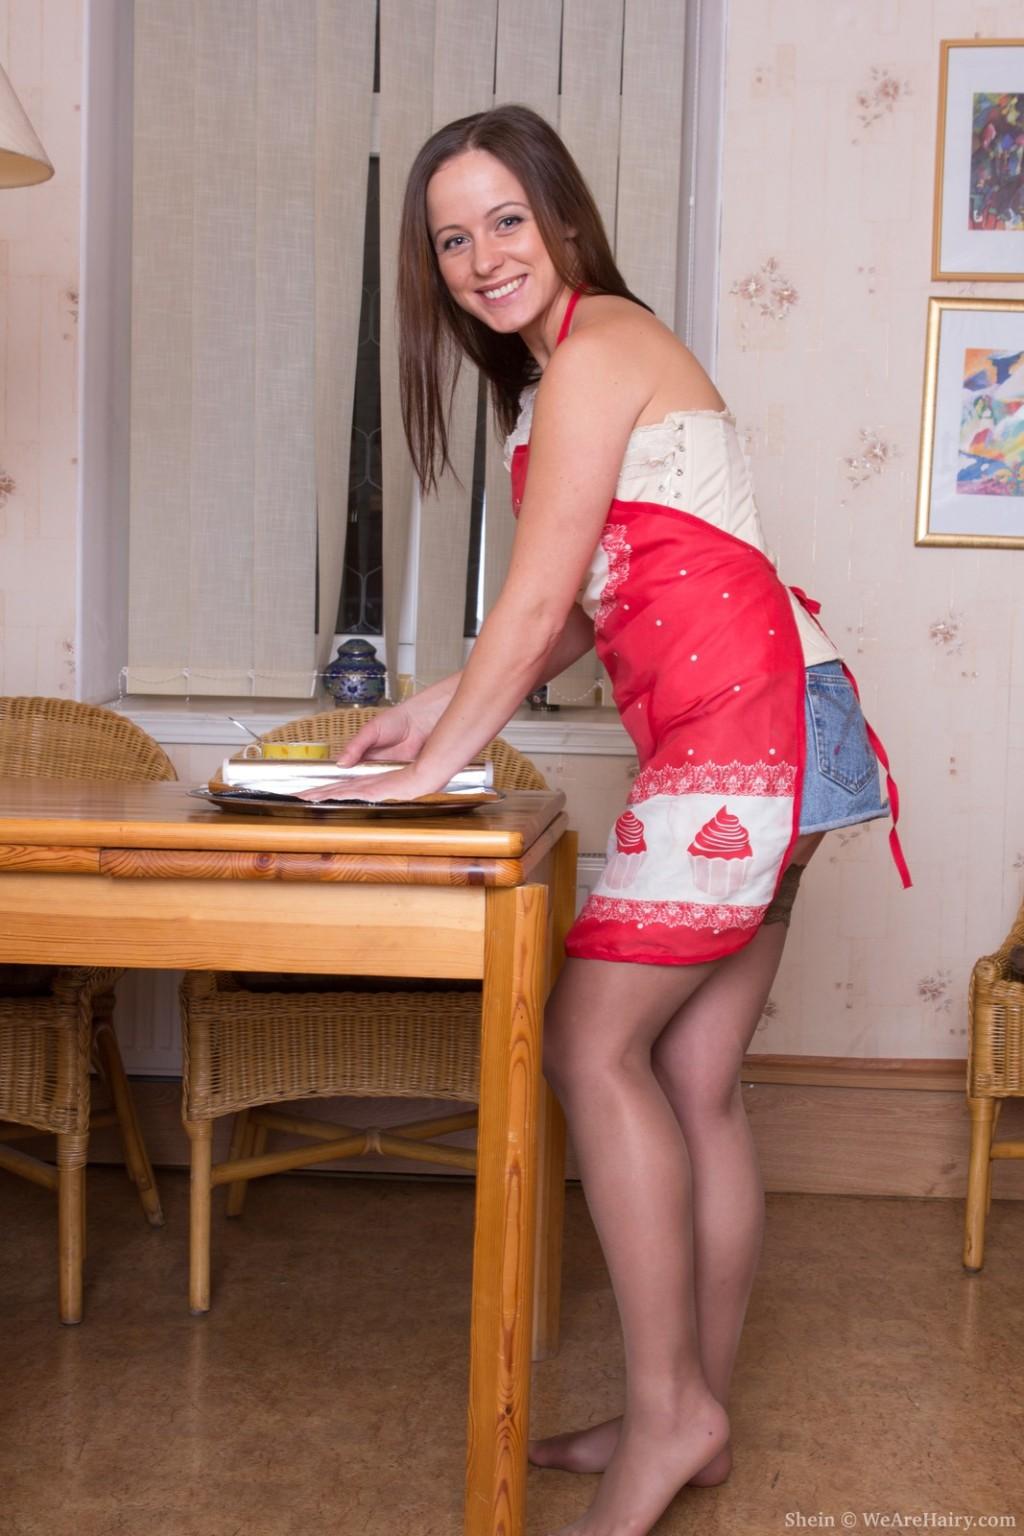 На кухне - Галерея № 3408500